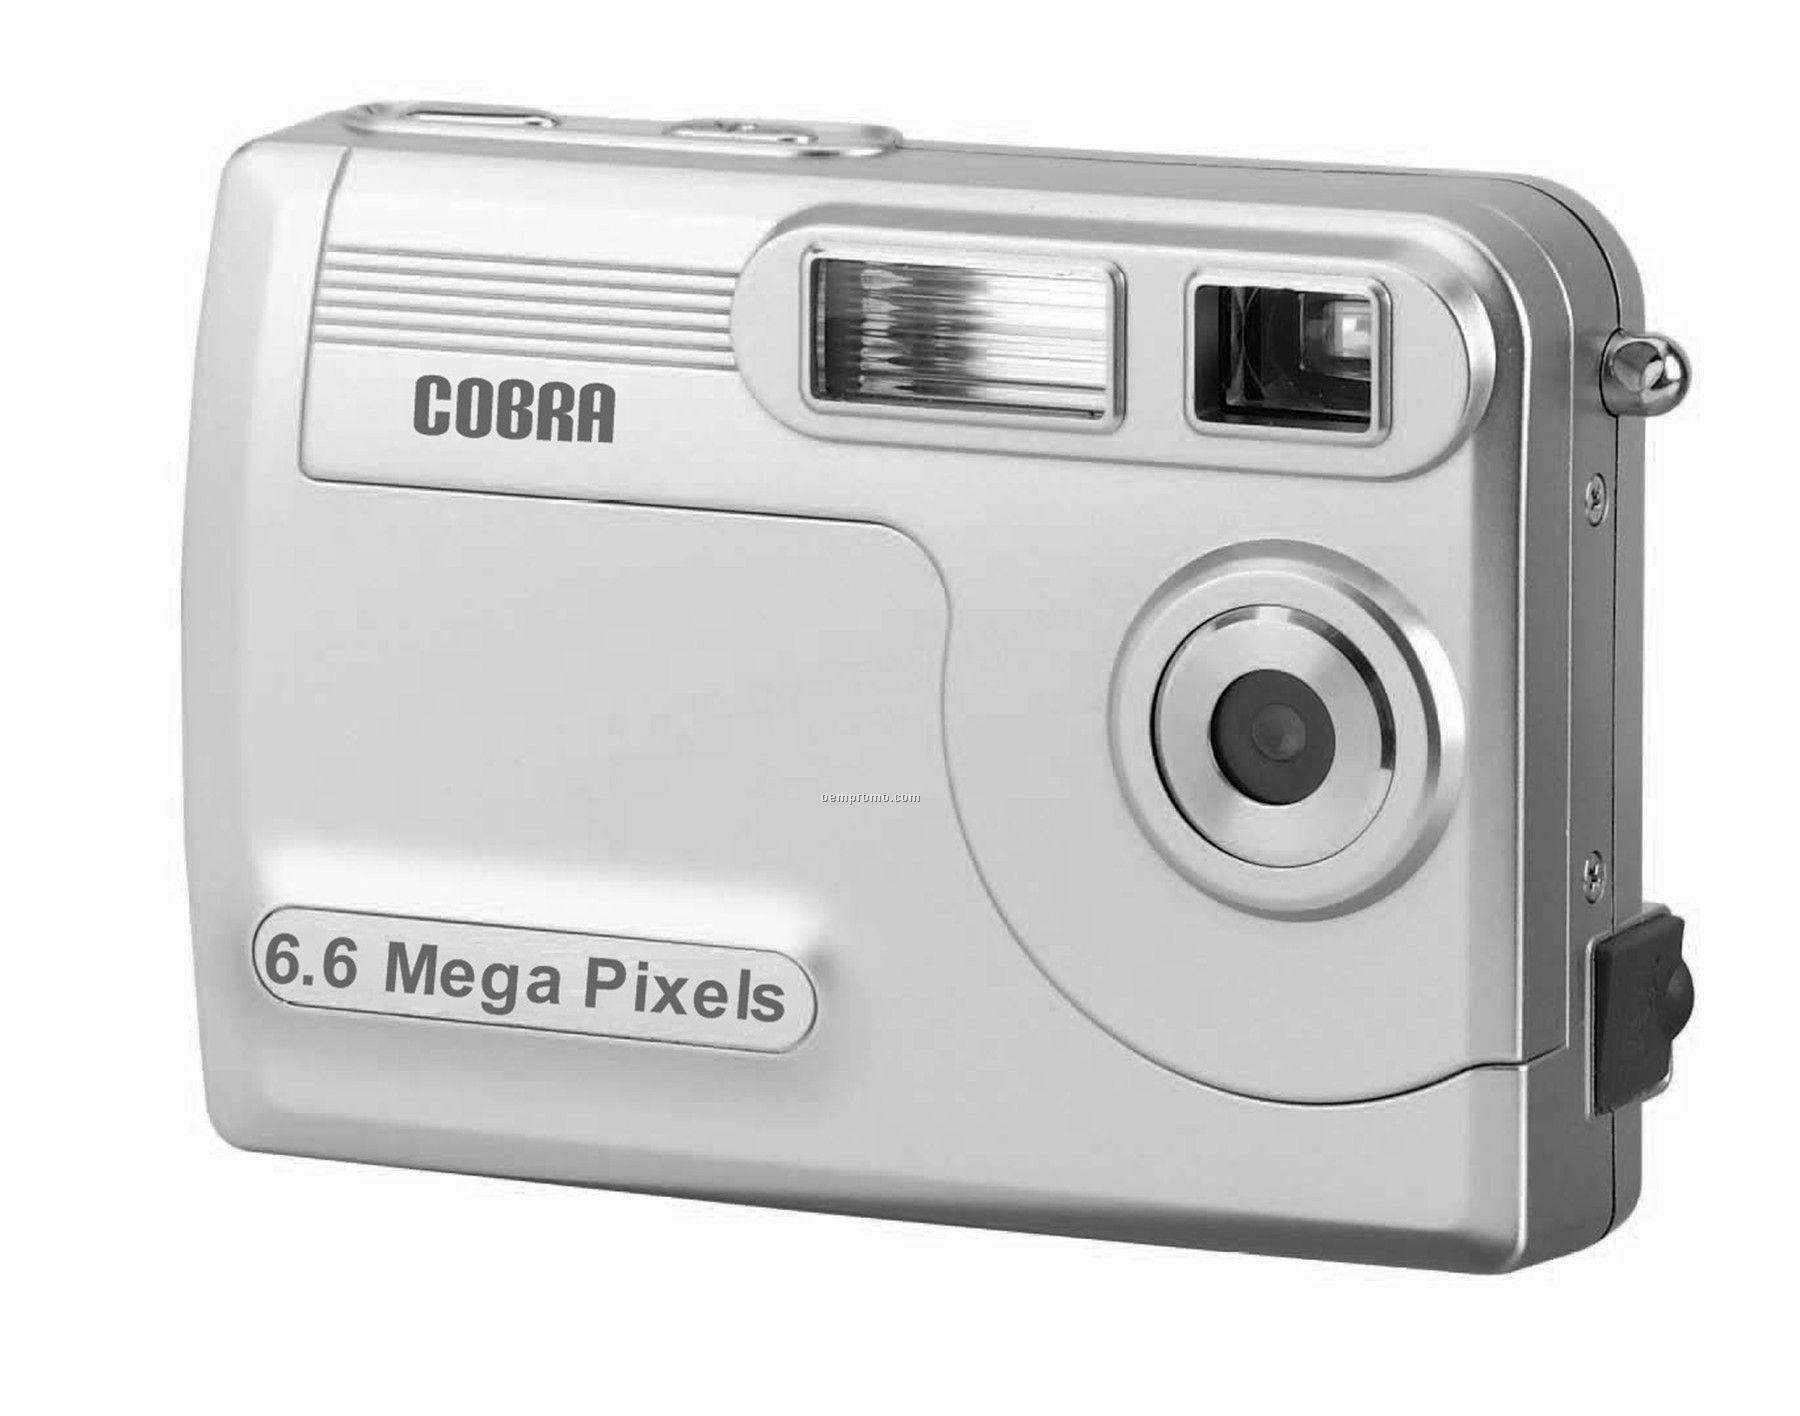 6 Mega Pixel Digital Camera